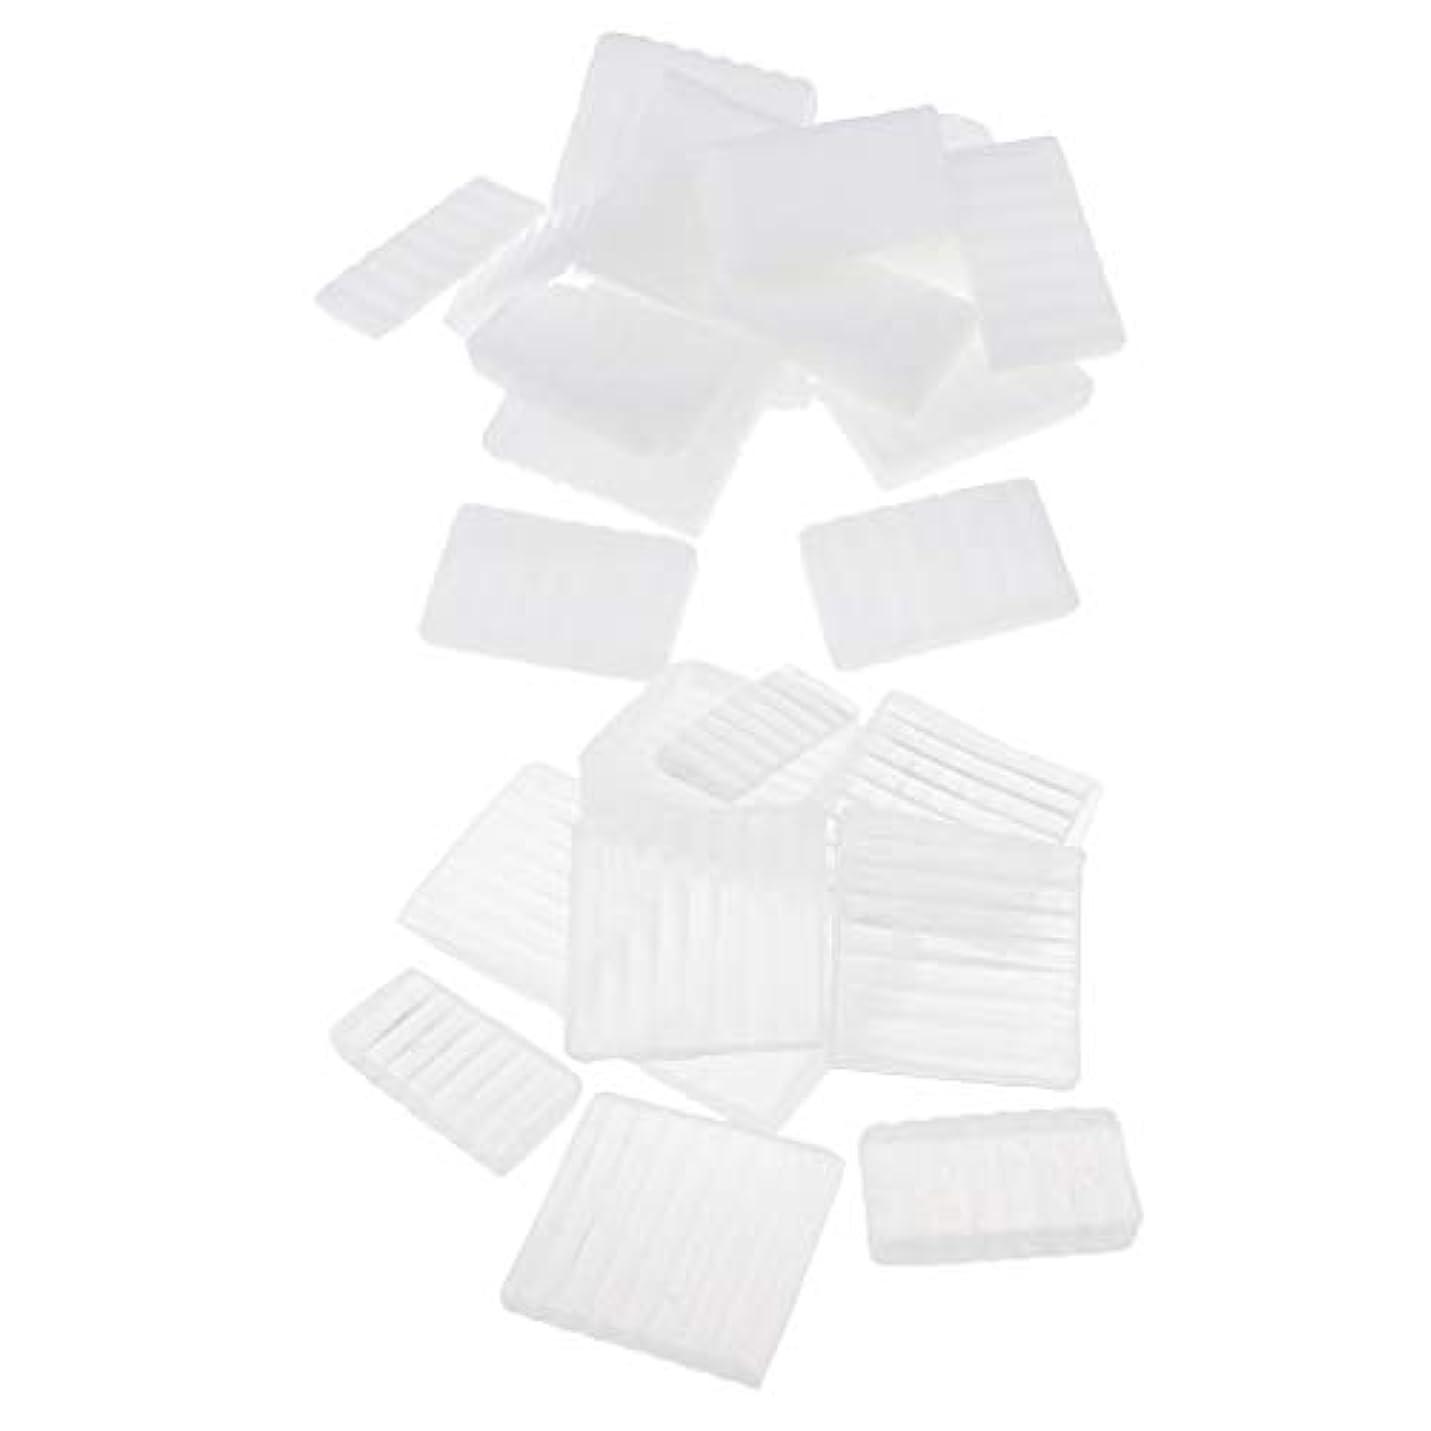 隠す追放するセクションdailymall 石鹸ベース ソープメイキング素材 ソープ グリセリンソープ ハンドメイド 石鹸材料